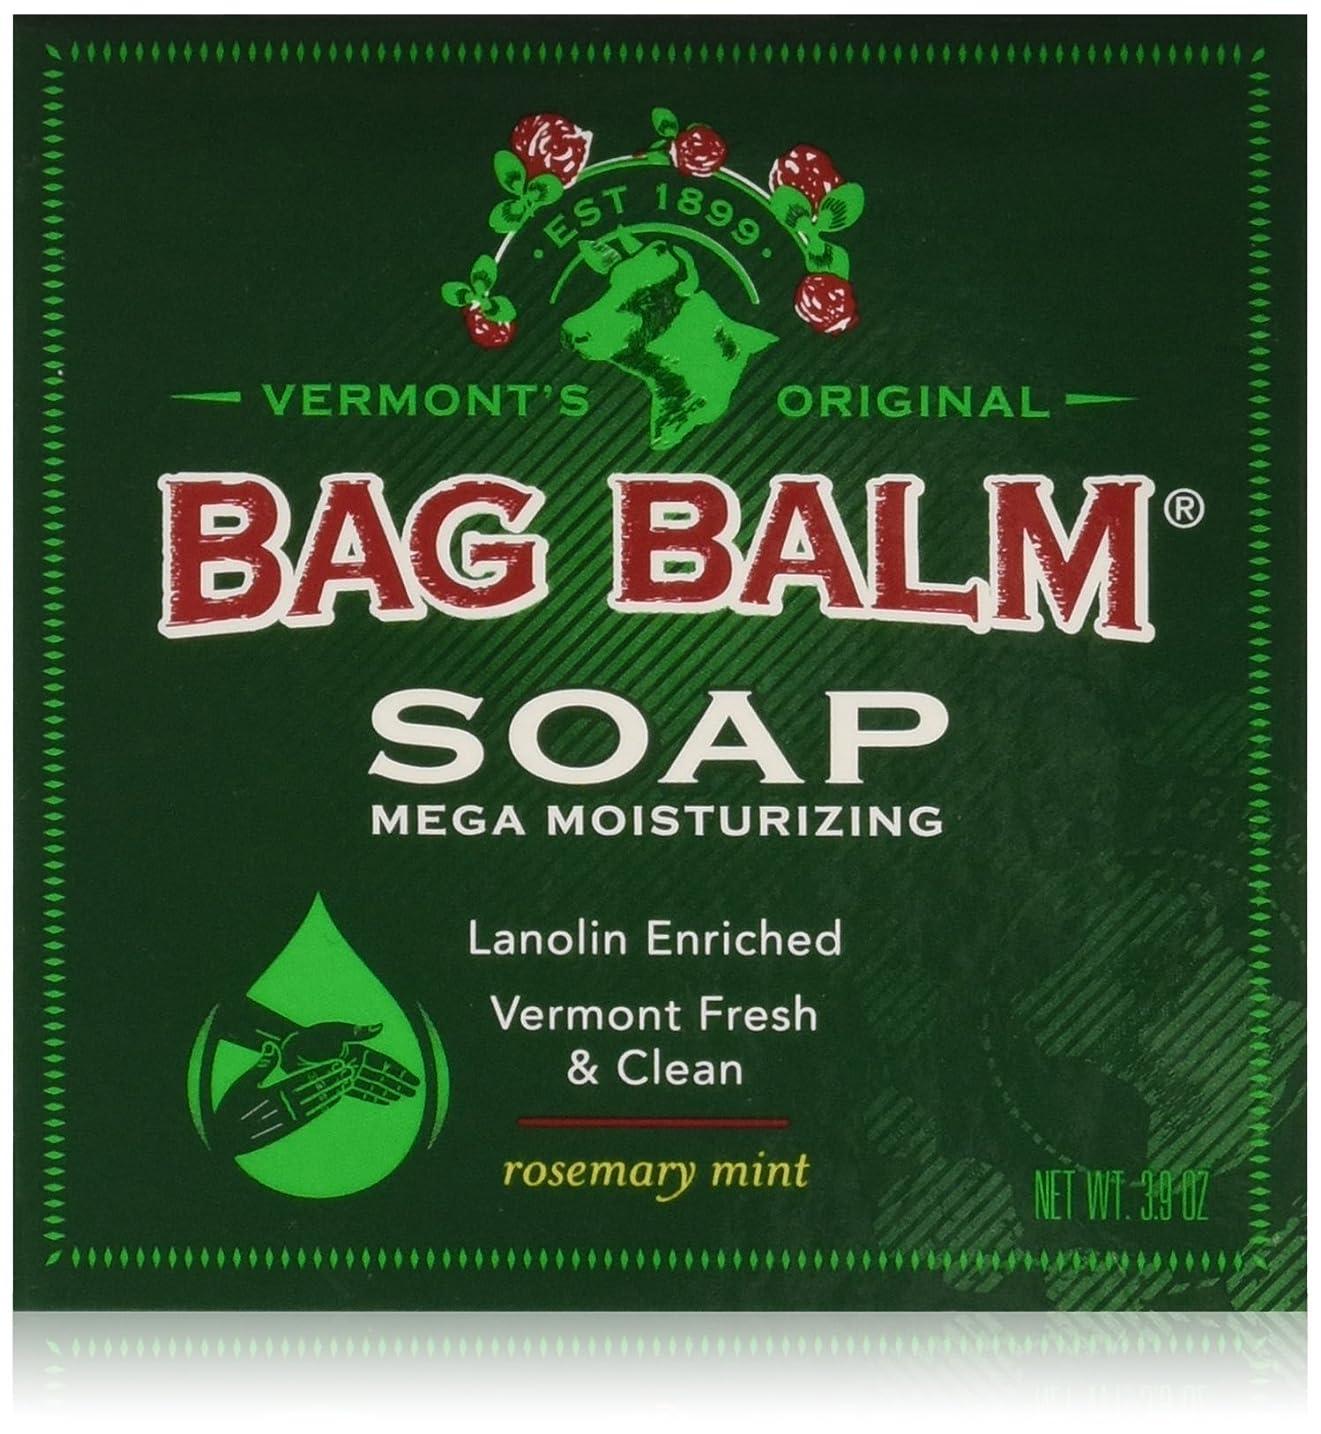 けがをする良心科学バッグバームの新作 メガモイスチャライジングソープ 3.9オンス 乾燥したお肌にモイスチャライズ石鹸